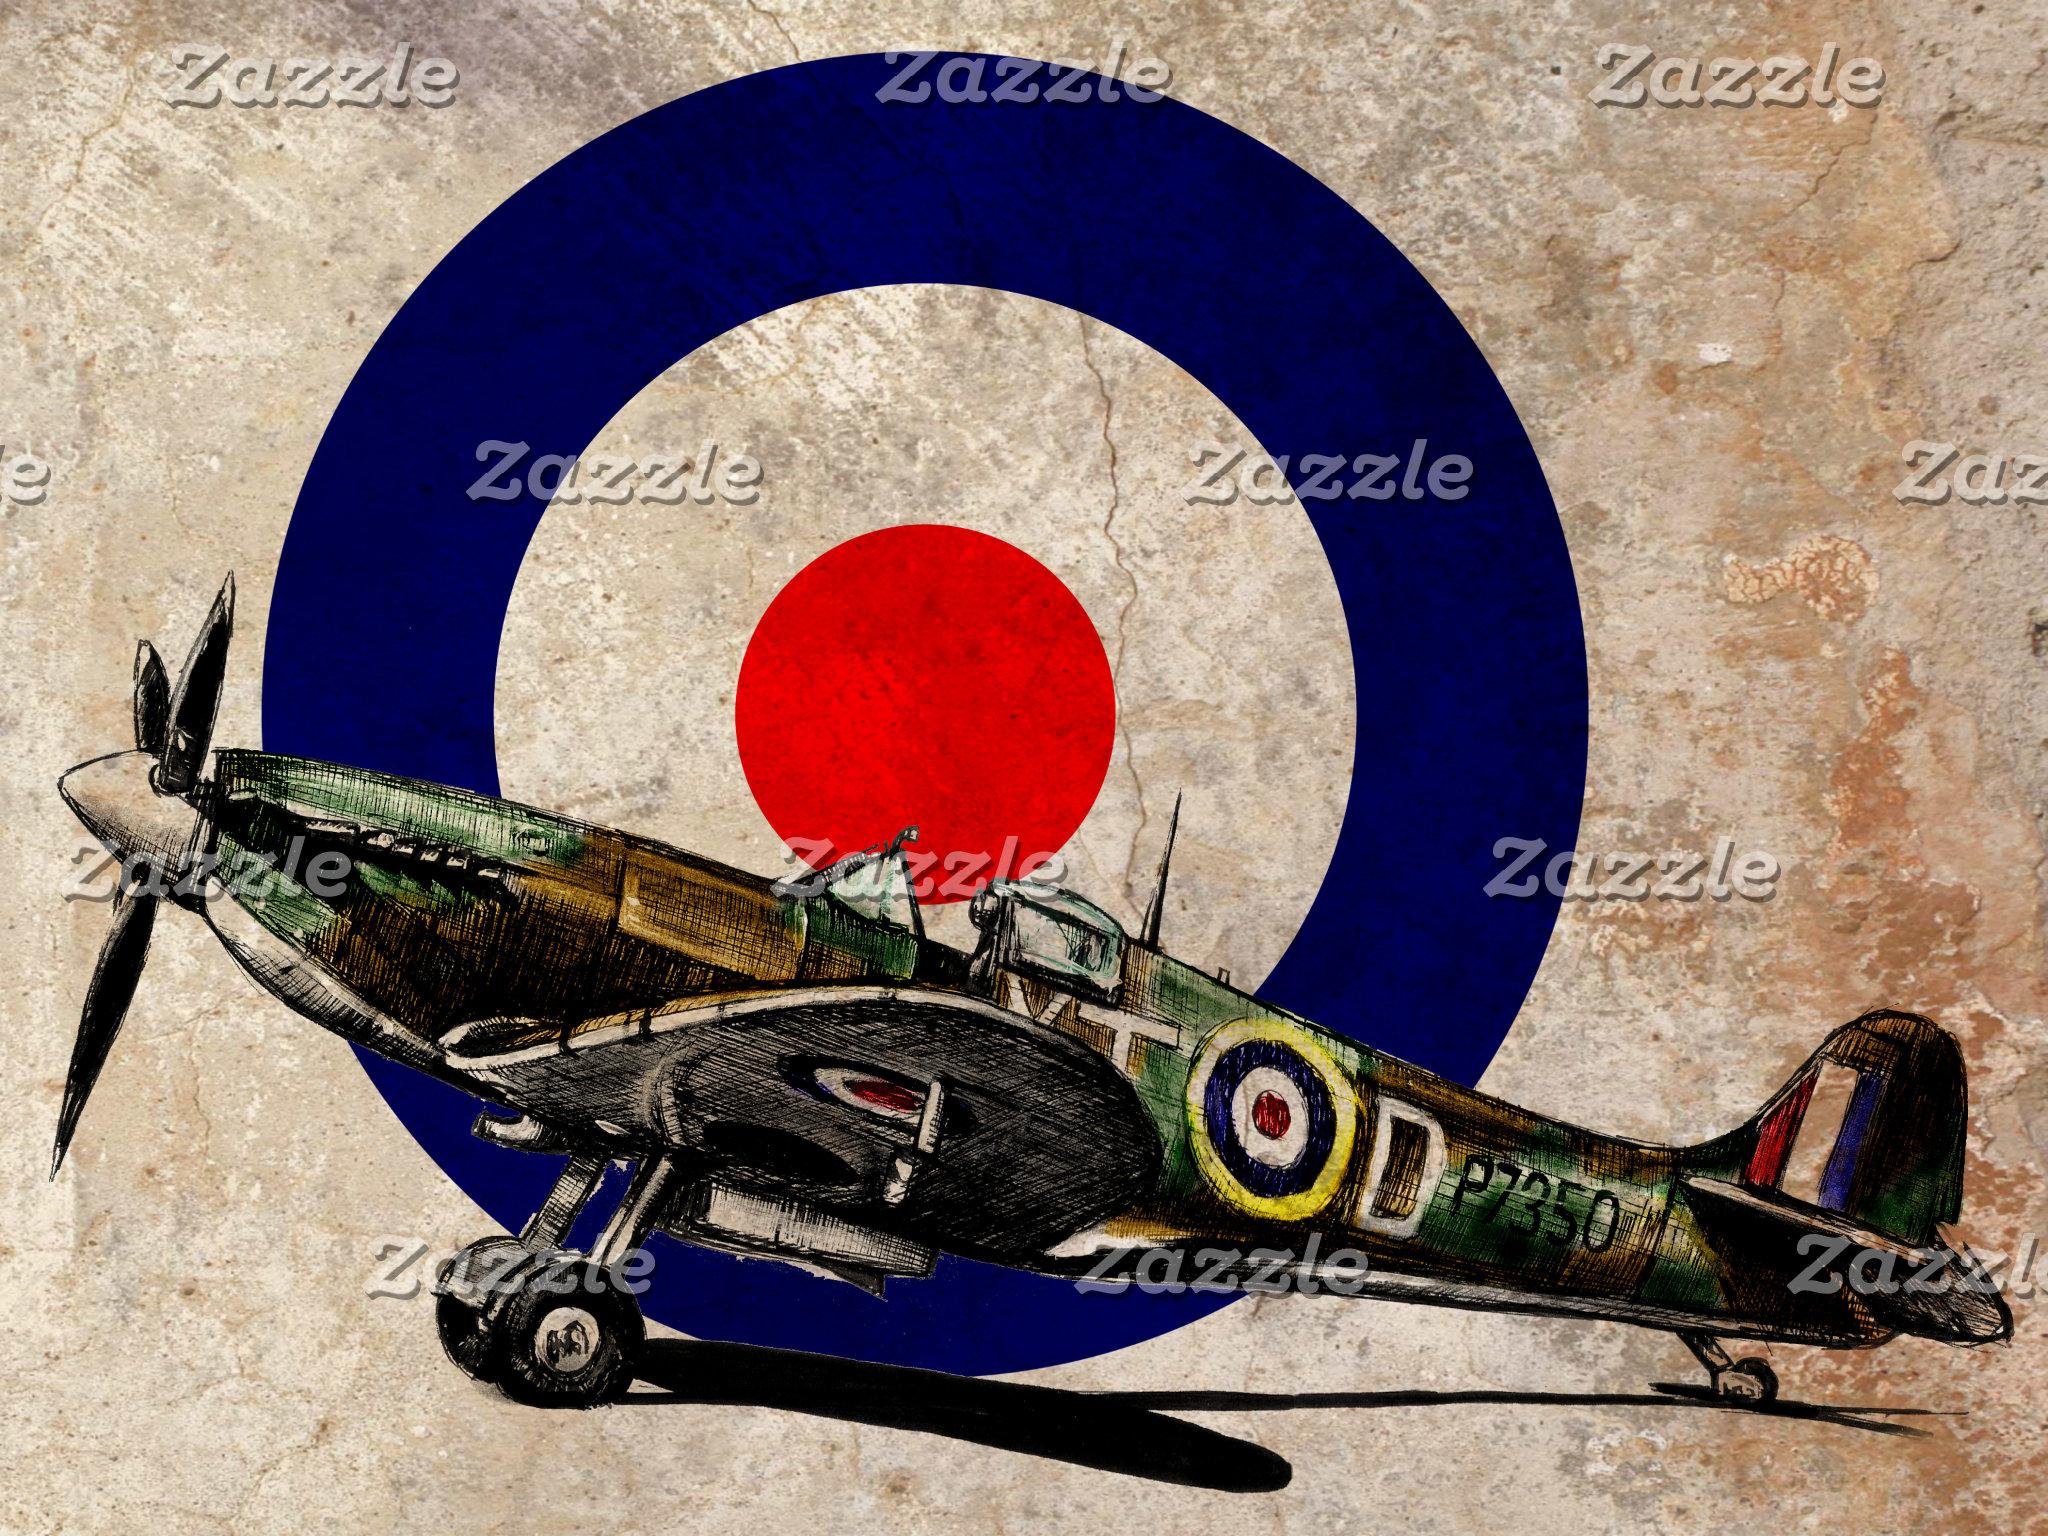 Spitfire World War 2 Fighter Plane